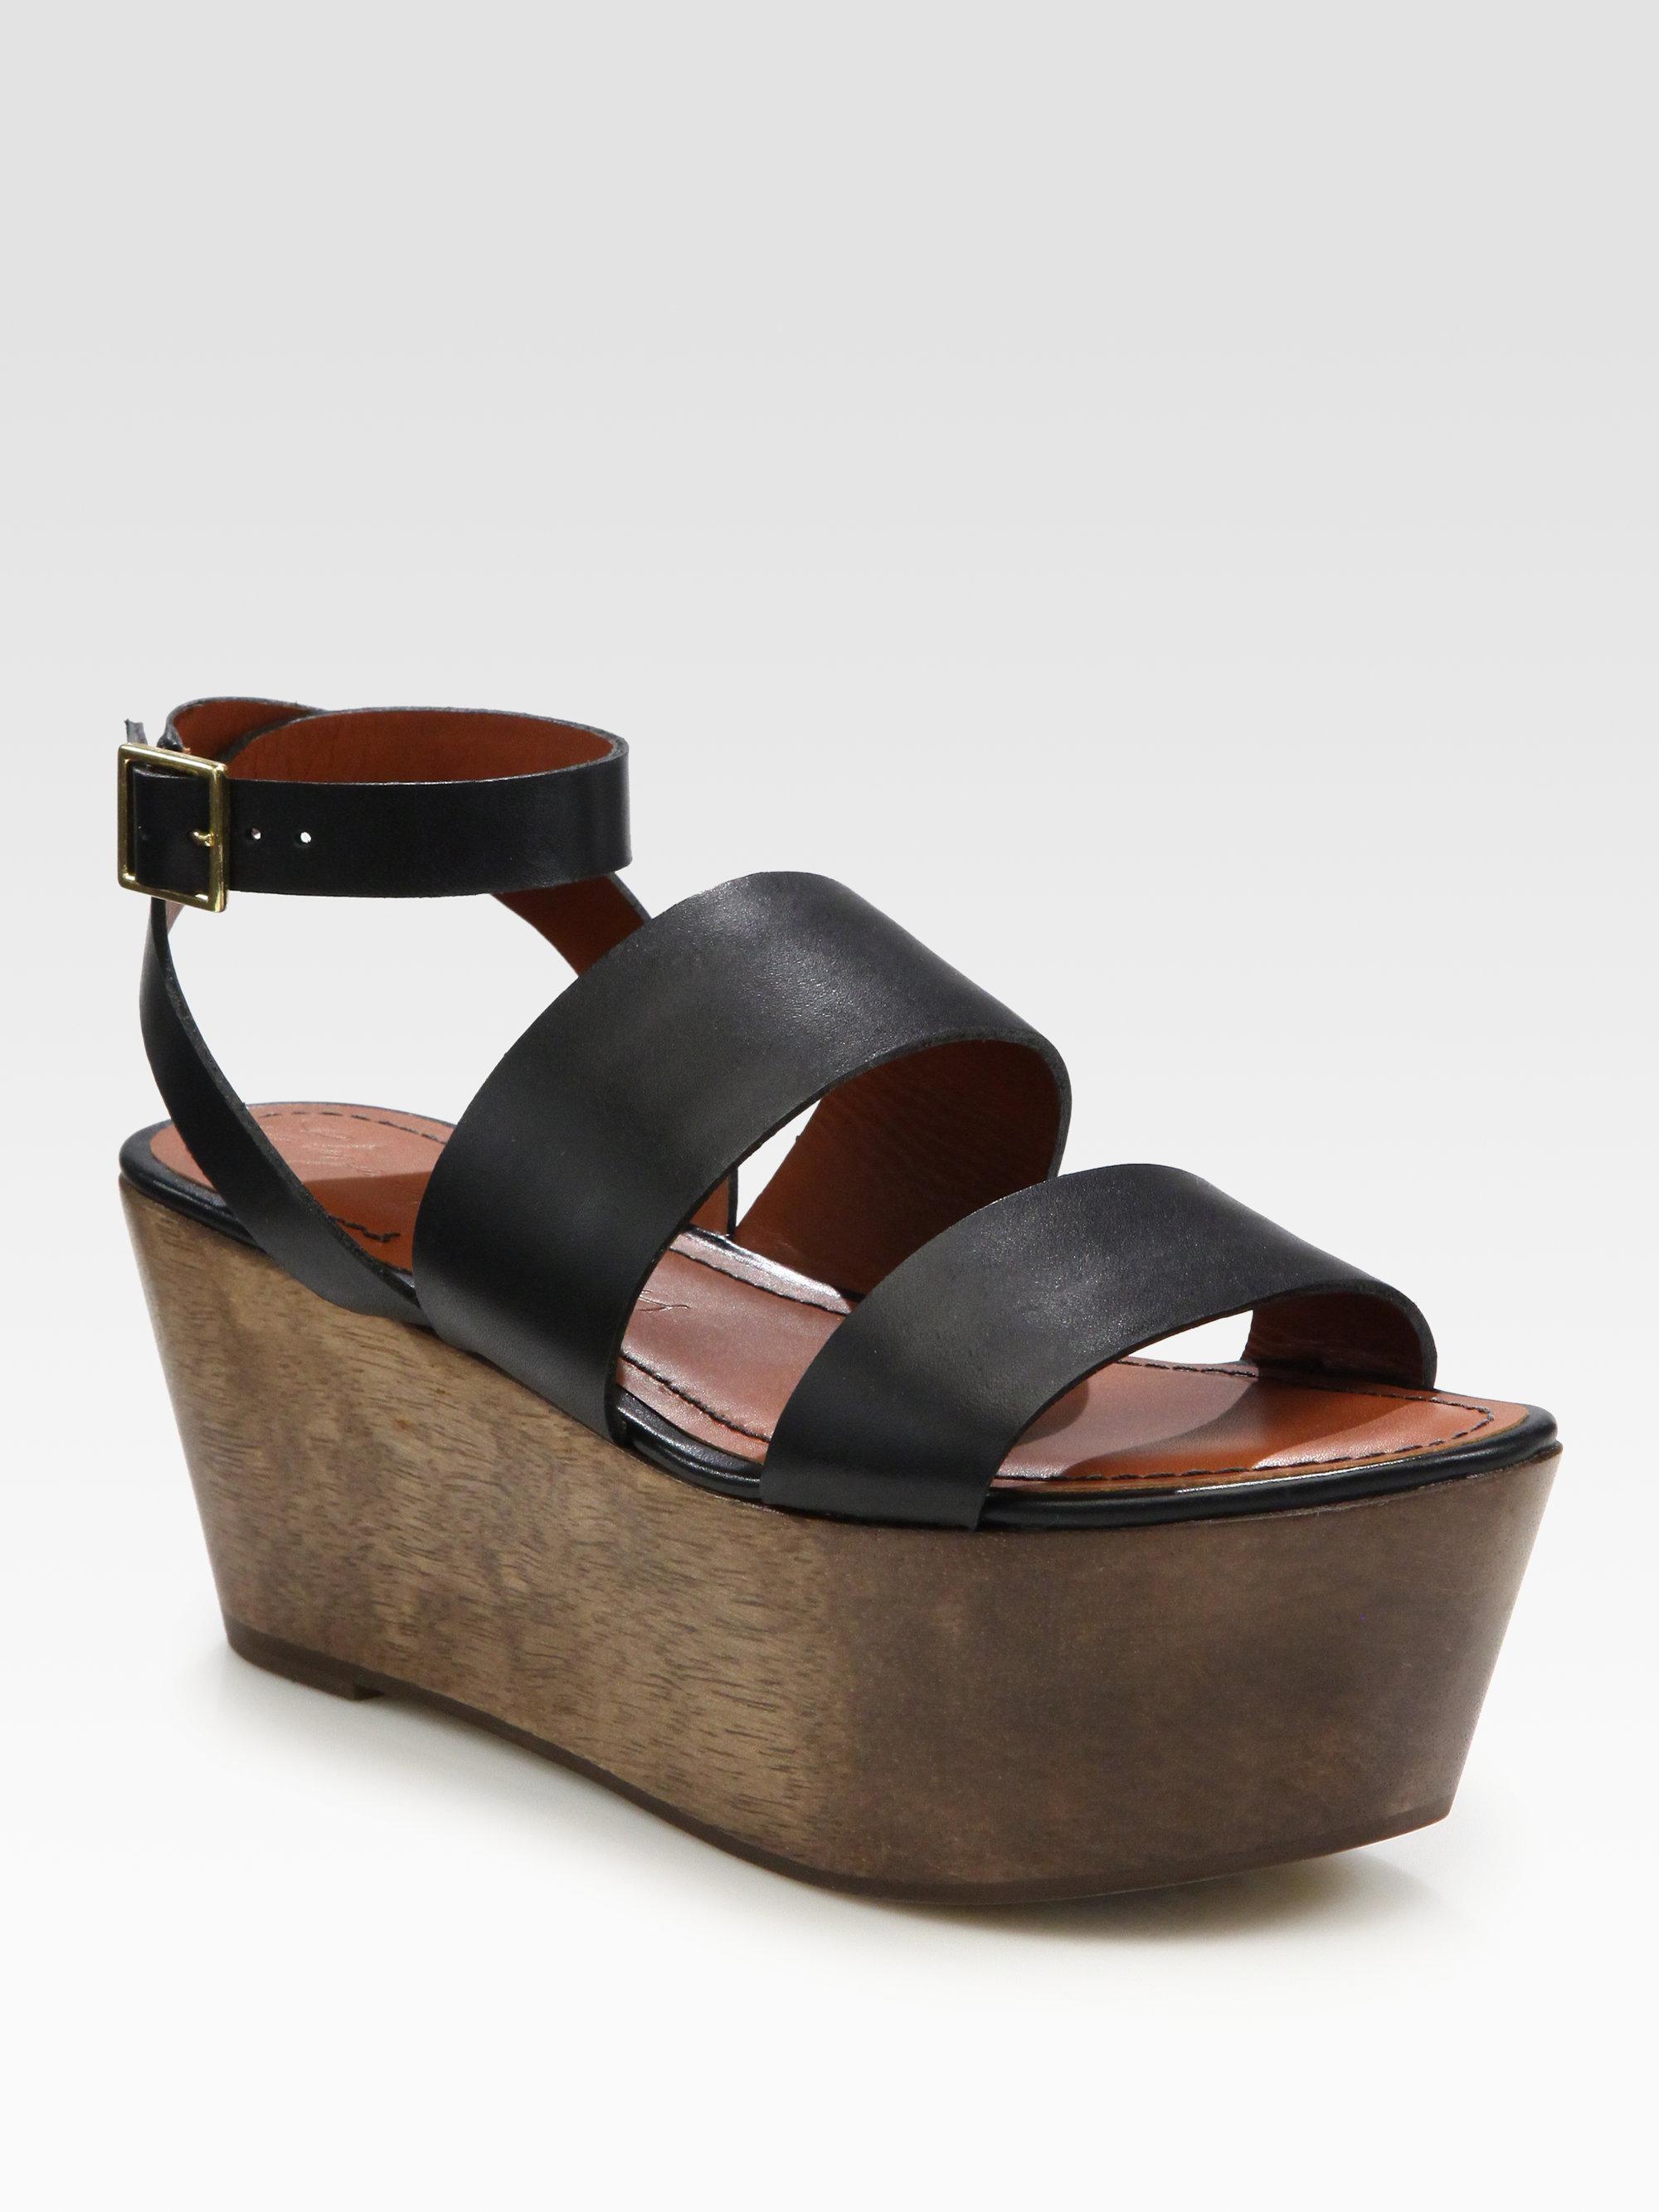 elizabeth and leather wood platform sandals in black